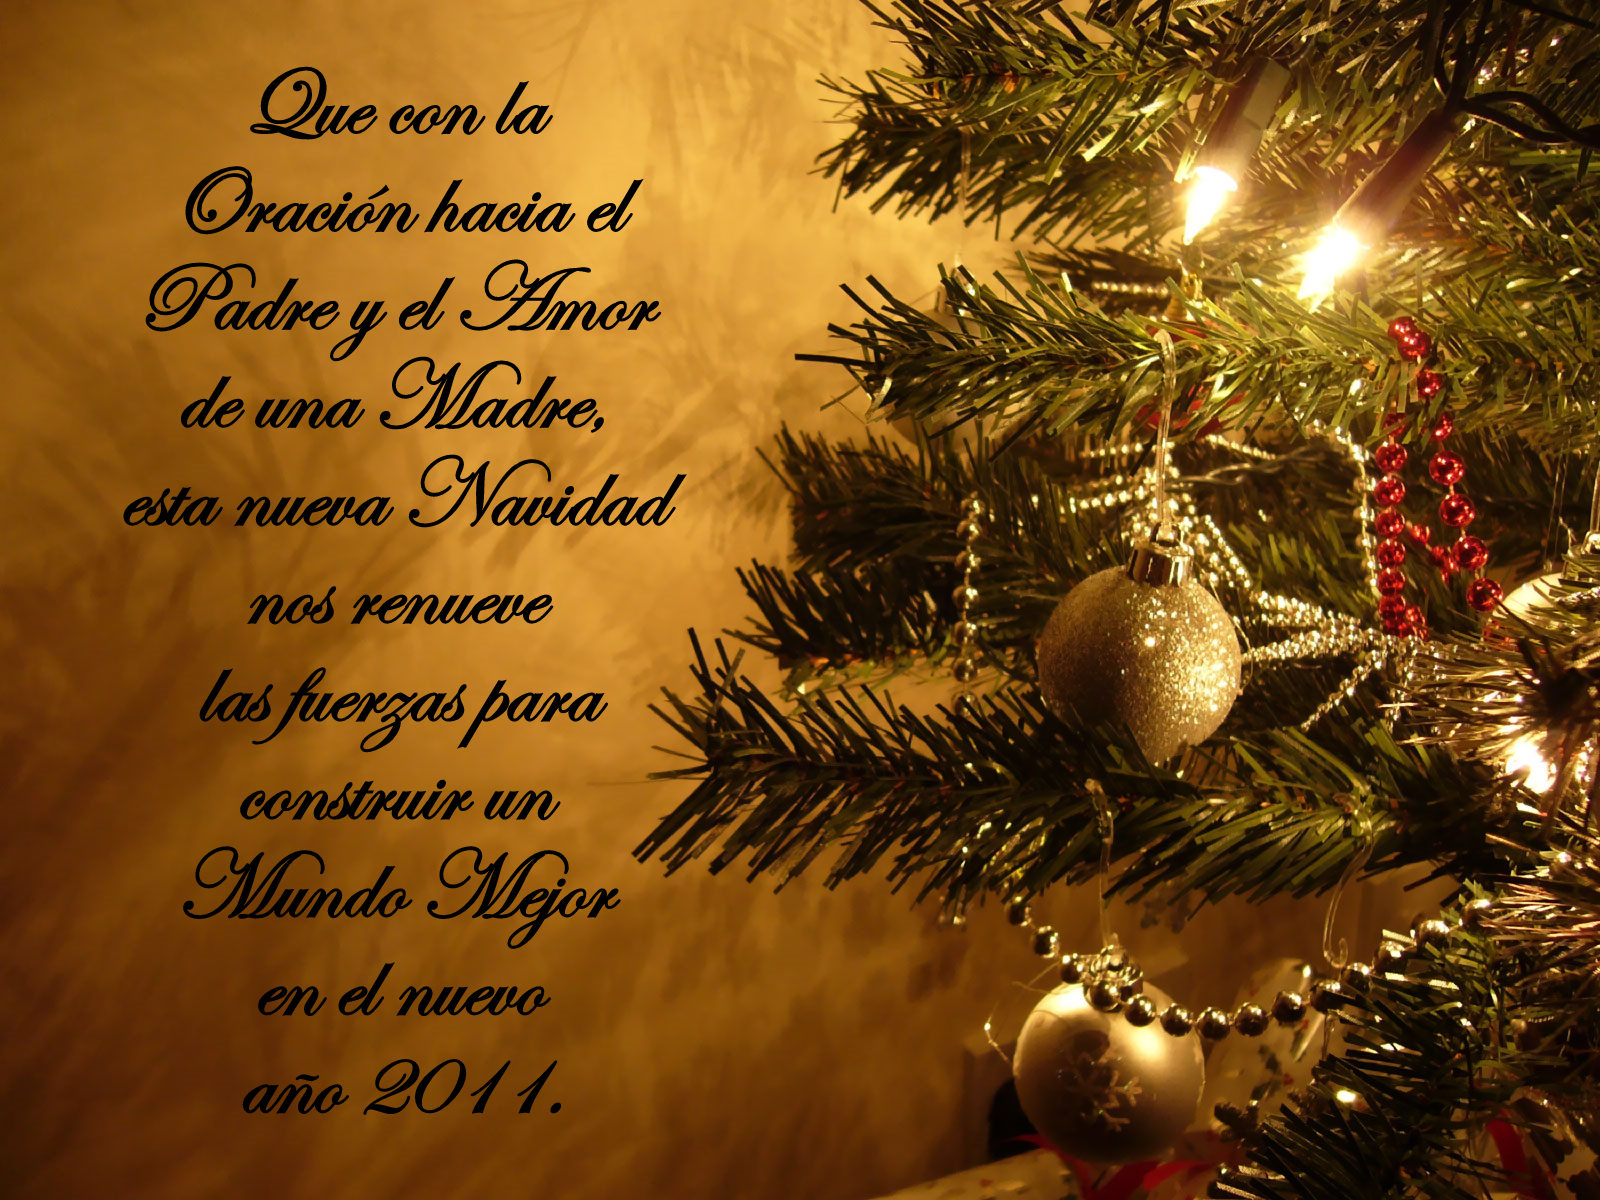 http://3.bp.blogspot.com/_47v8sRPcrnA/TQzTl-pZG-I/AAAAAAAADjM/OqXWATomLYY/s1600/christmas-wallpaper-fondos-navidad-0022.jpg